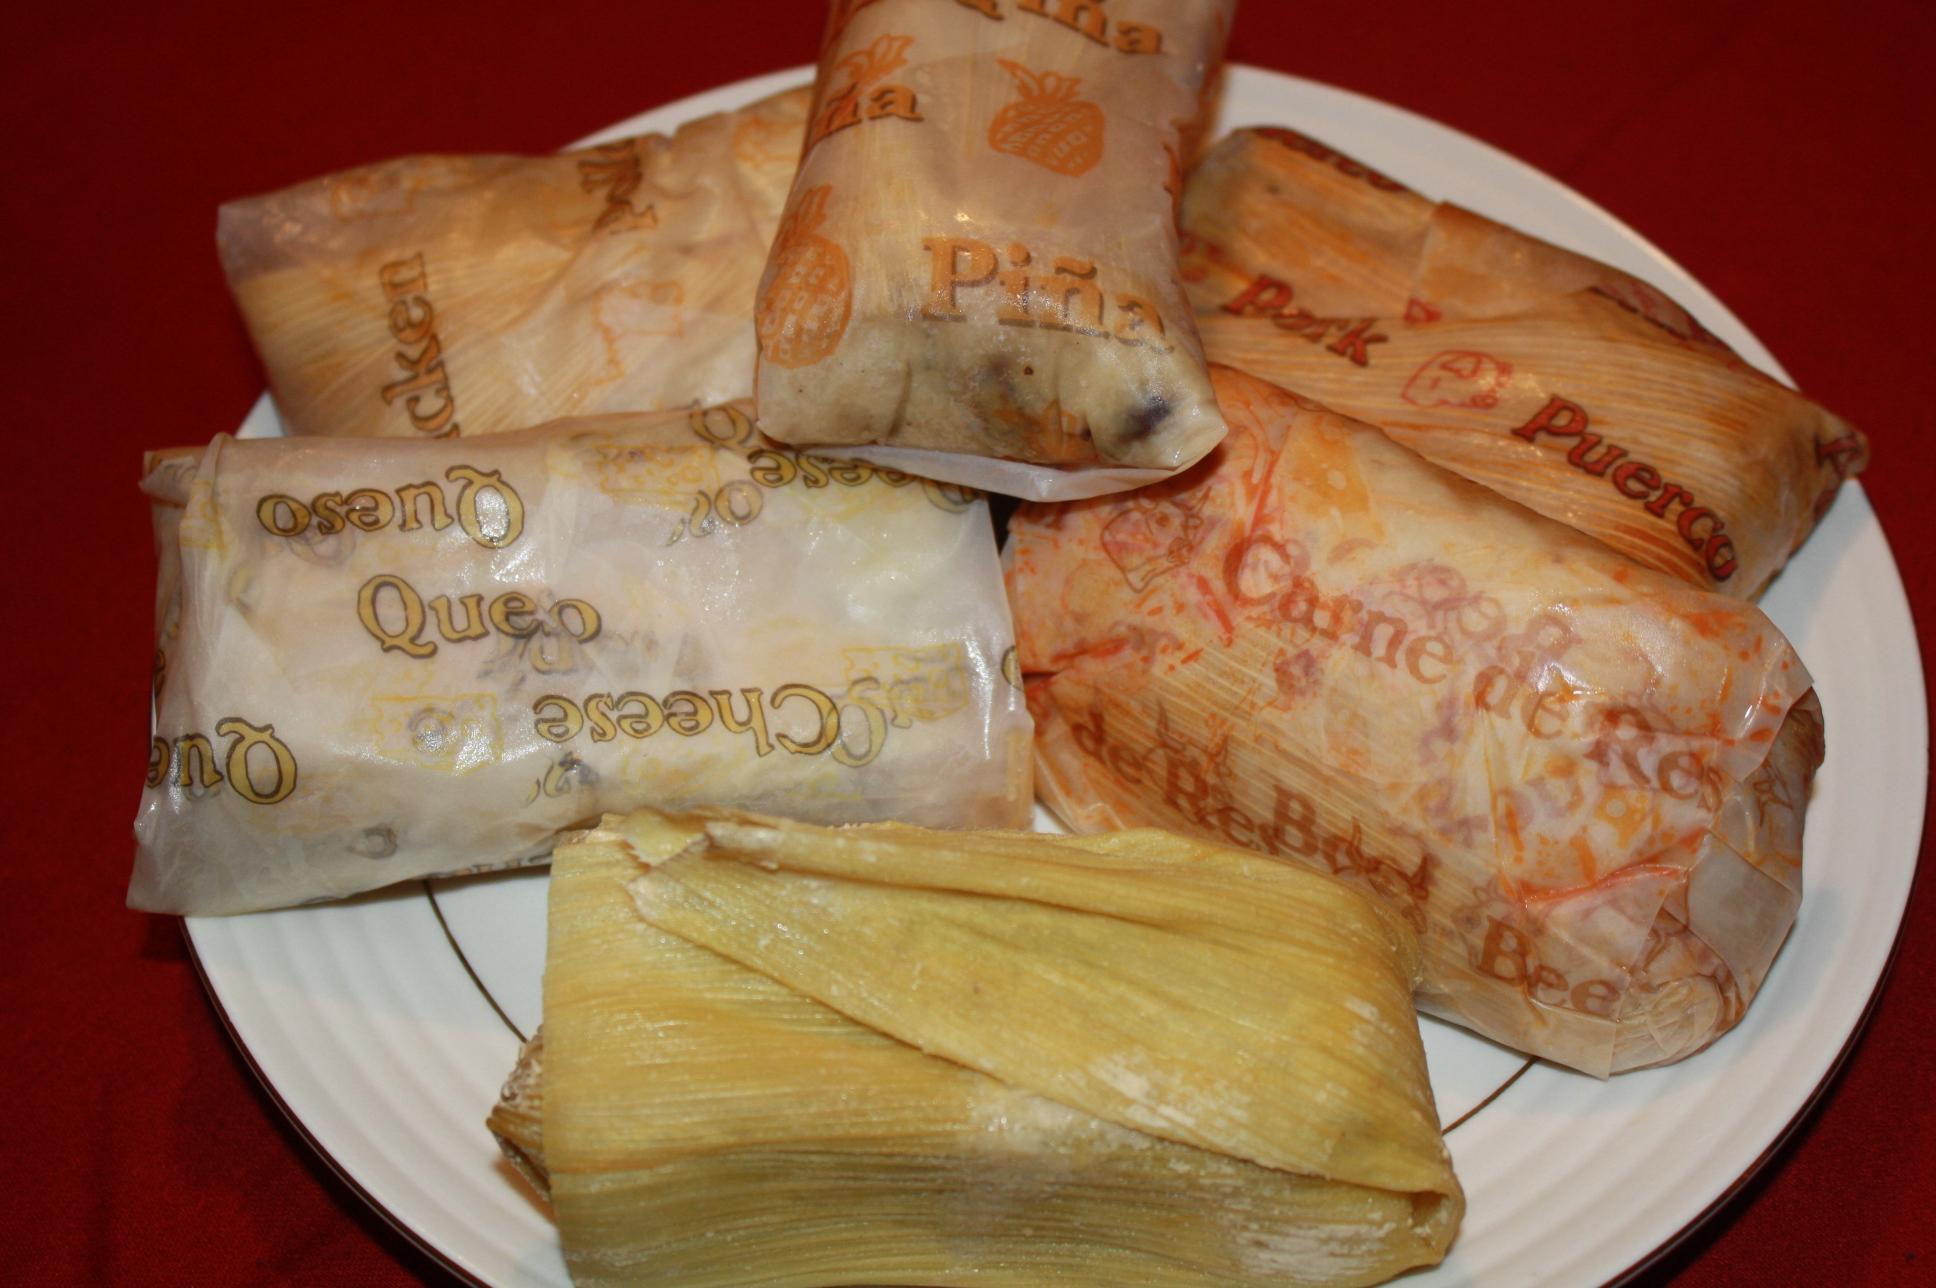 Por 35 años los tamales de La Indiana han sido los favoritos del público angelino.  (Foto de Agustín Durán/El Pasajero).